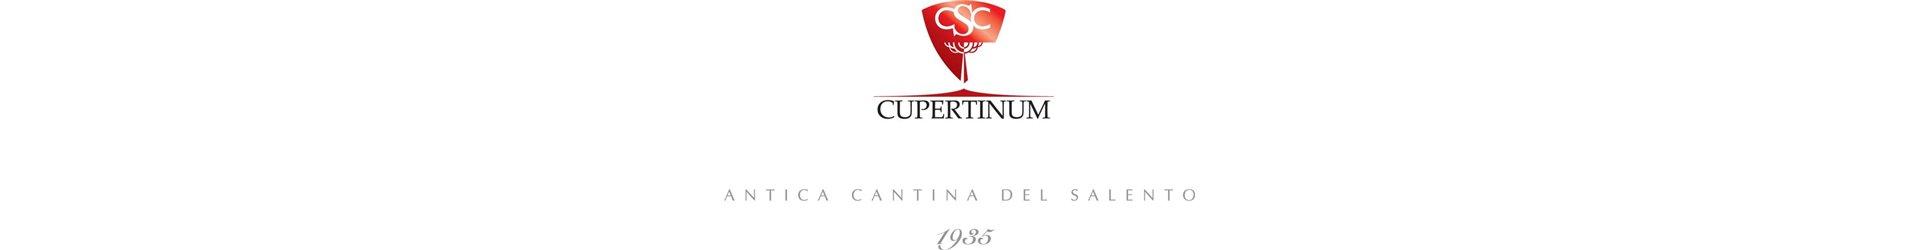 Cupertinum